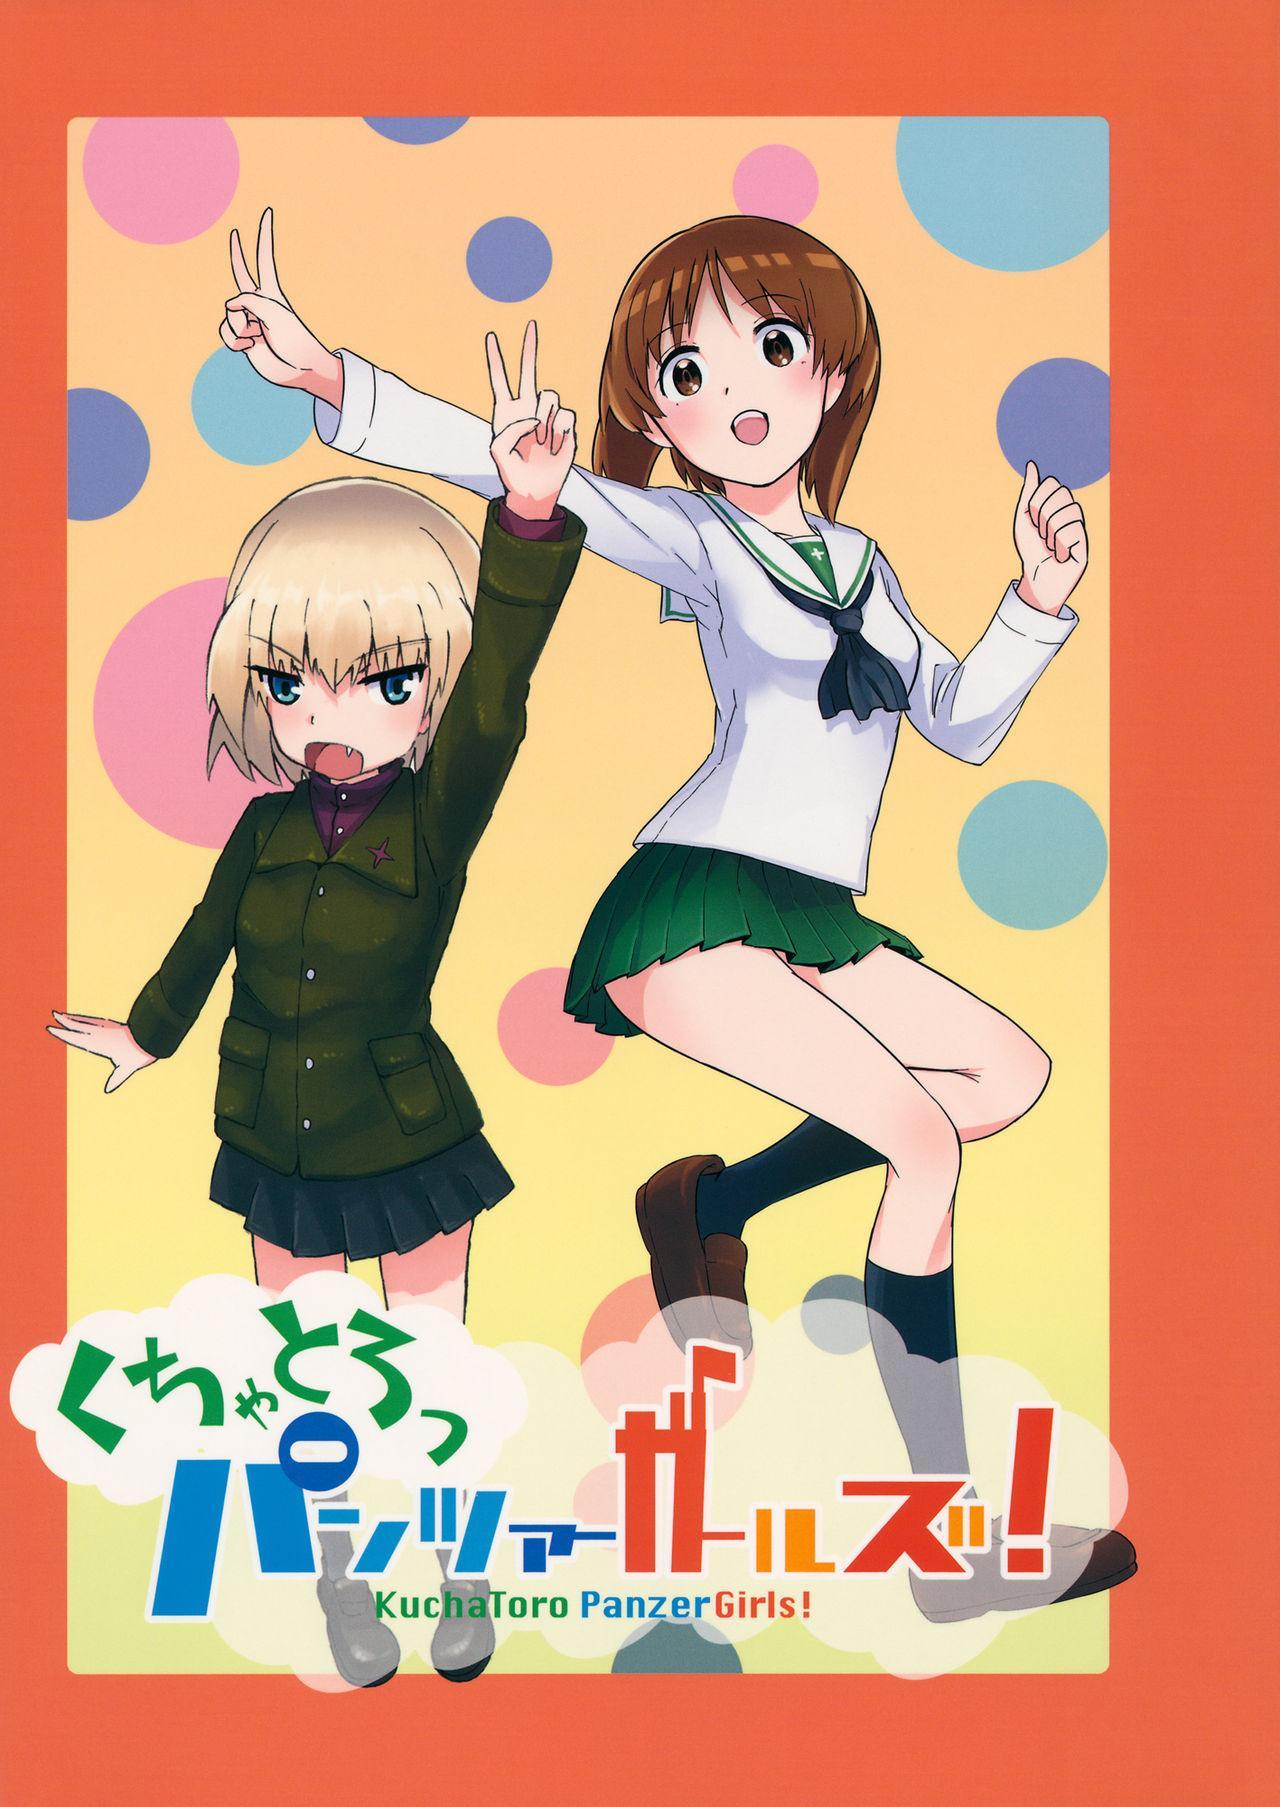 Kucha Toro Panzer Girls! 1